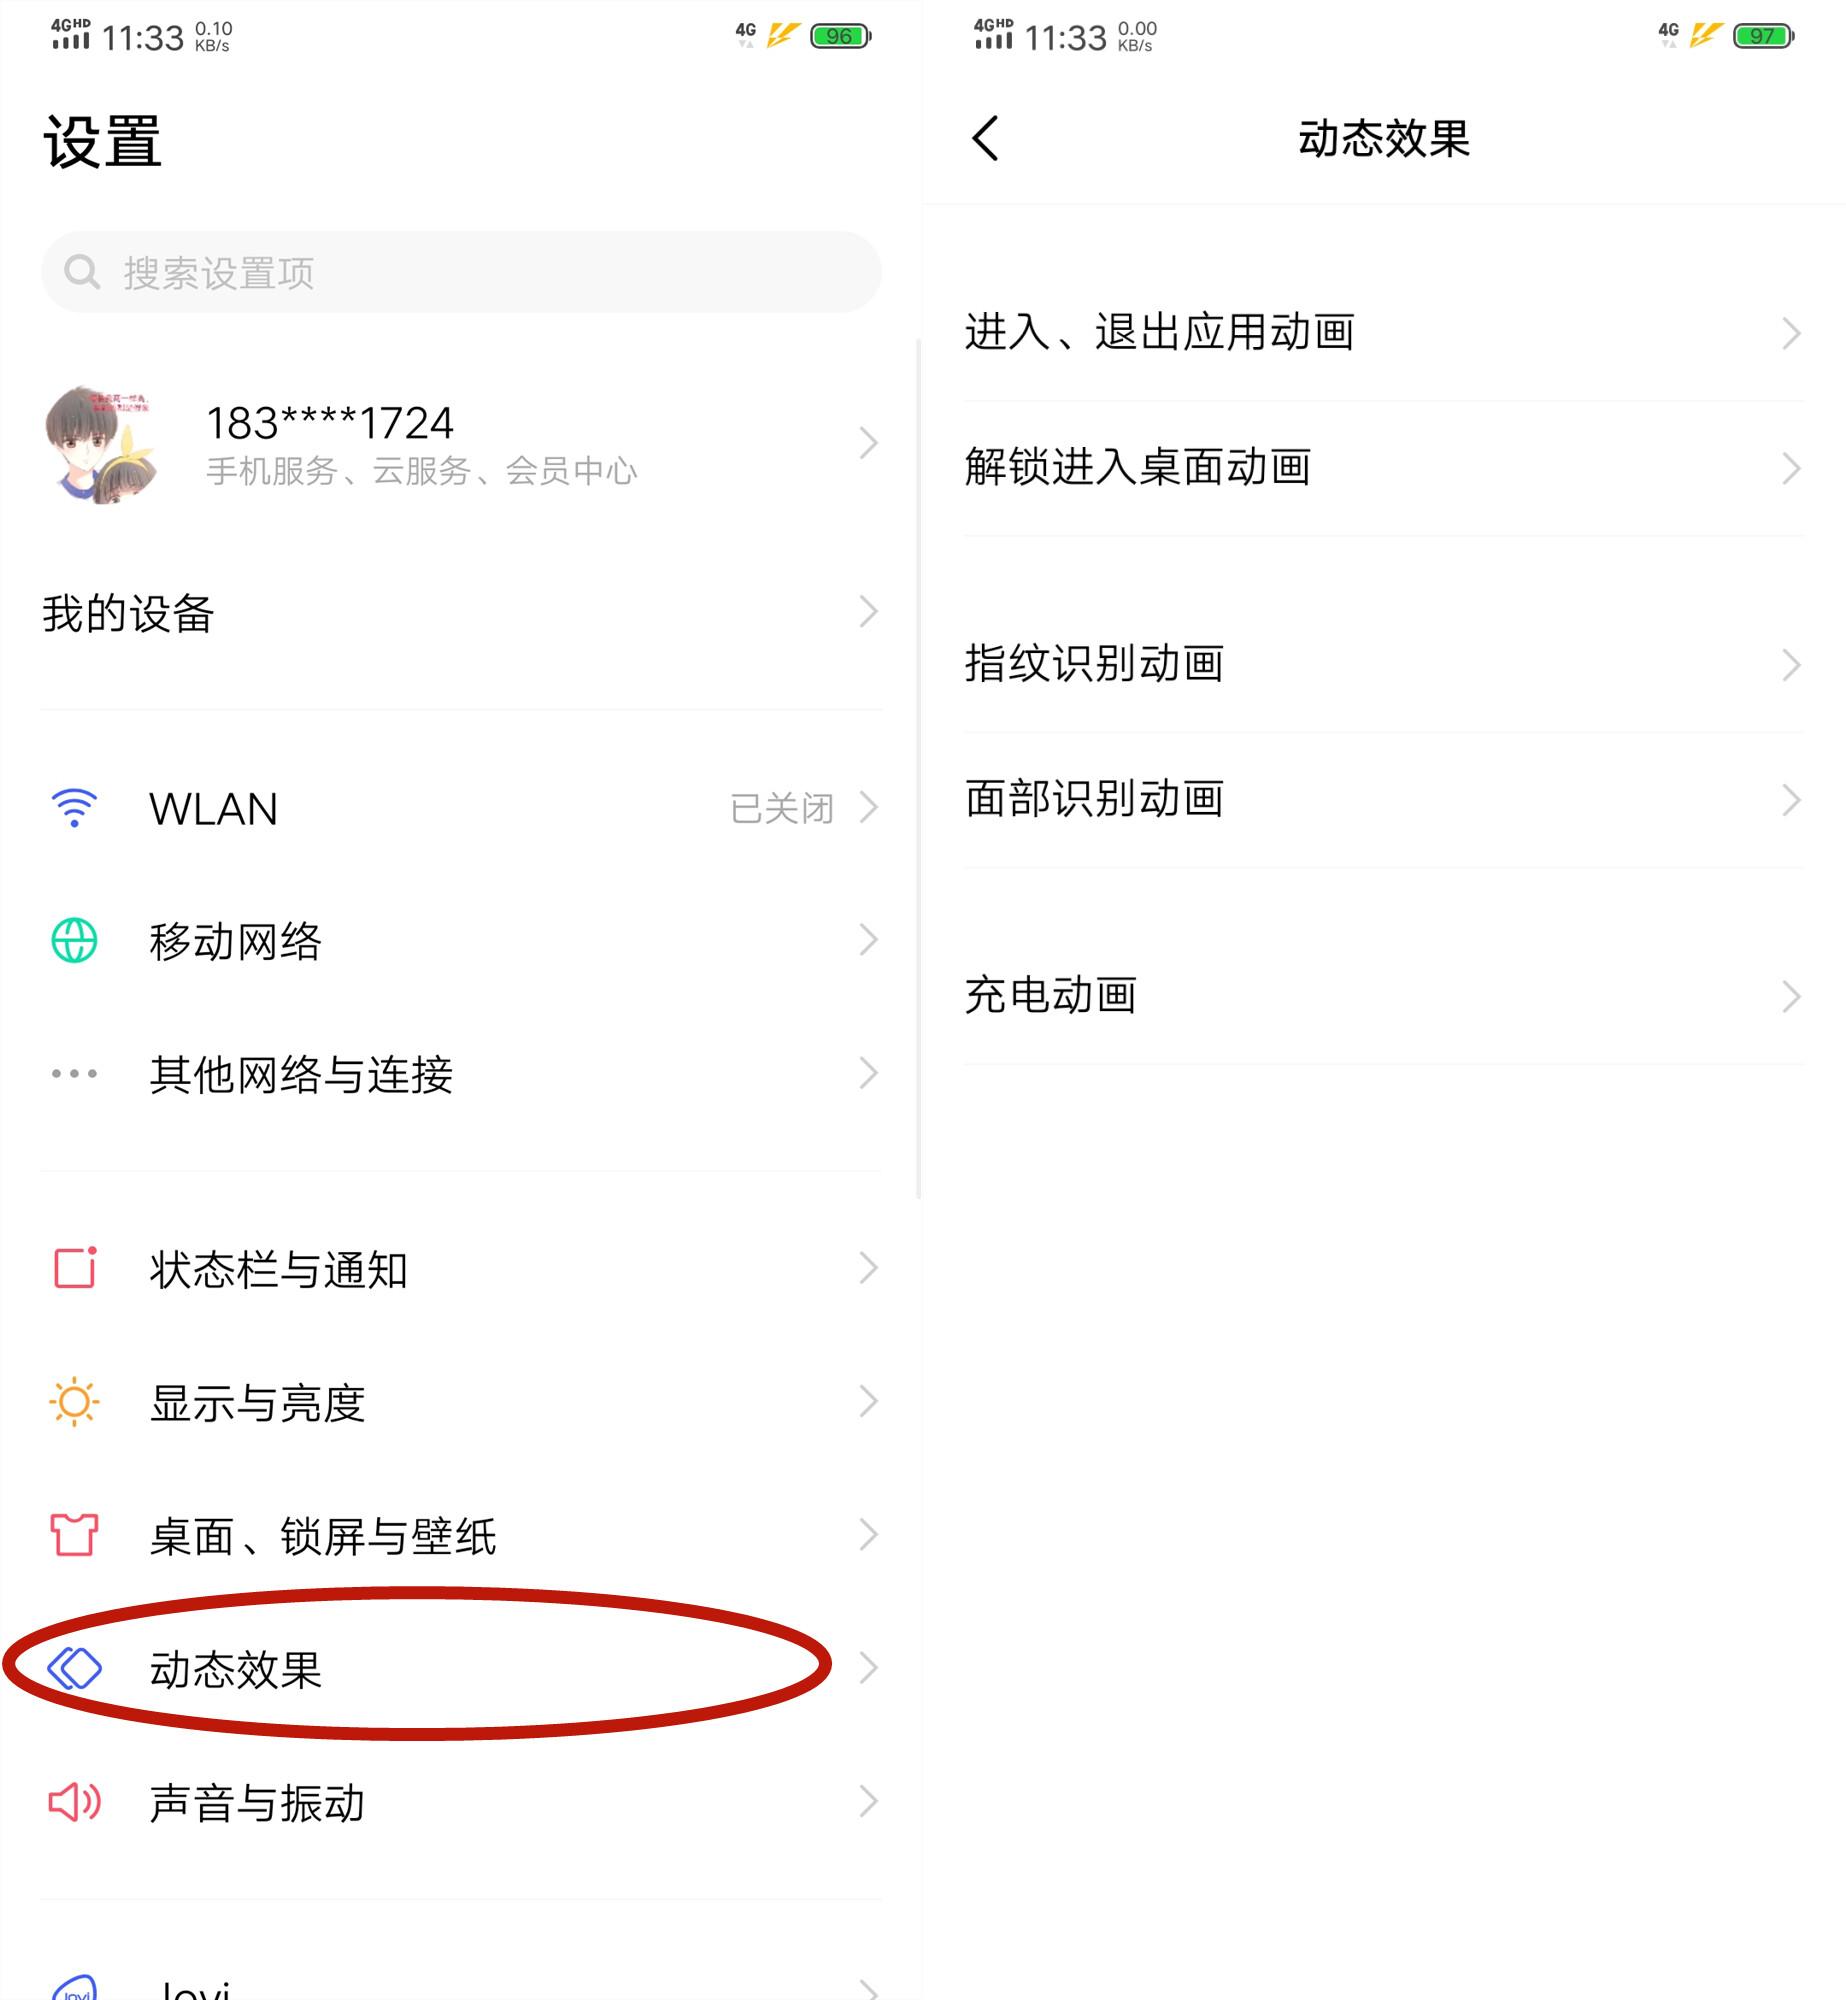 Screenshot_20191214_113338_副本.jpg